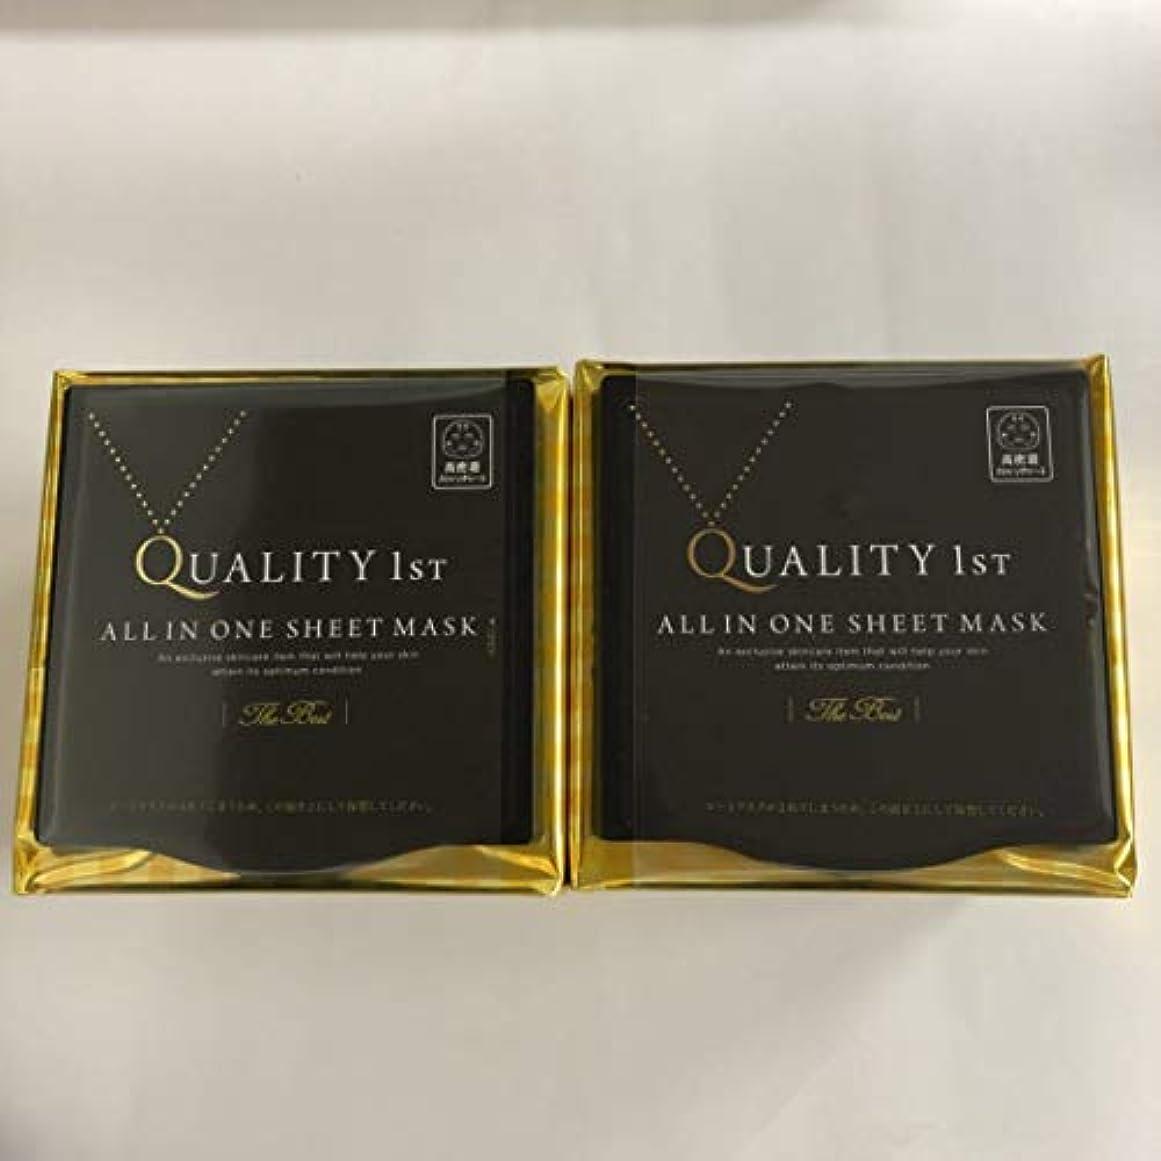 せがむペンなぜオールインワンシートマスク ザ?ベストEX (30枚) BOX 2個セット+角質ケアサンプル2PC